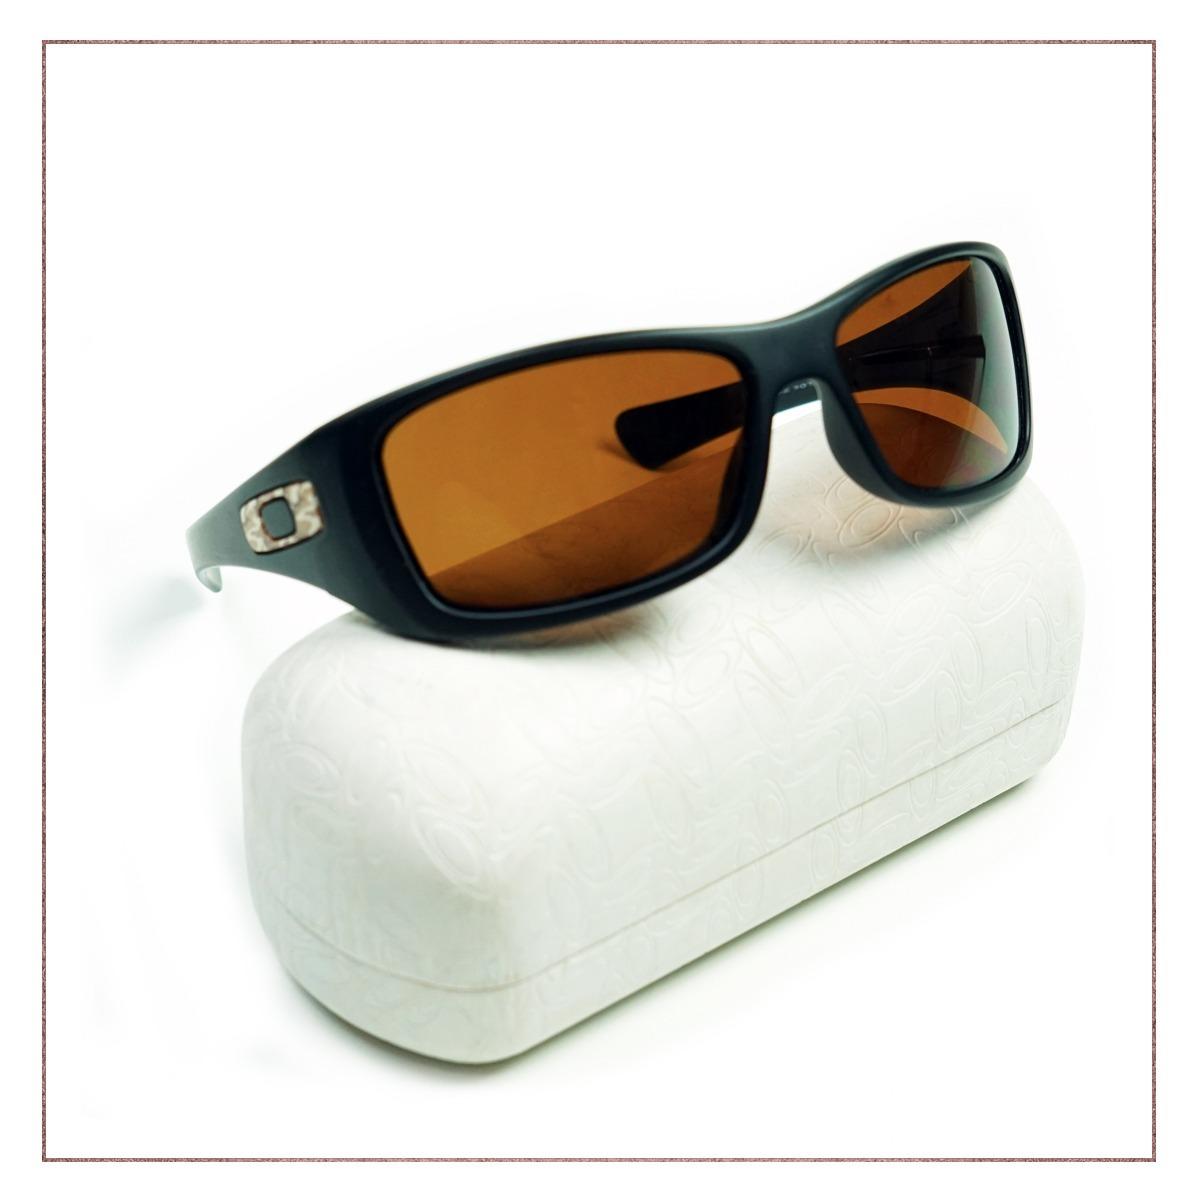 73c54a5b9 Óculos Oakley Lente Marrom - R$ 415,90 em Mercado Livre